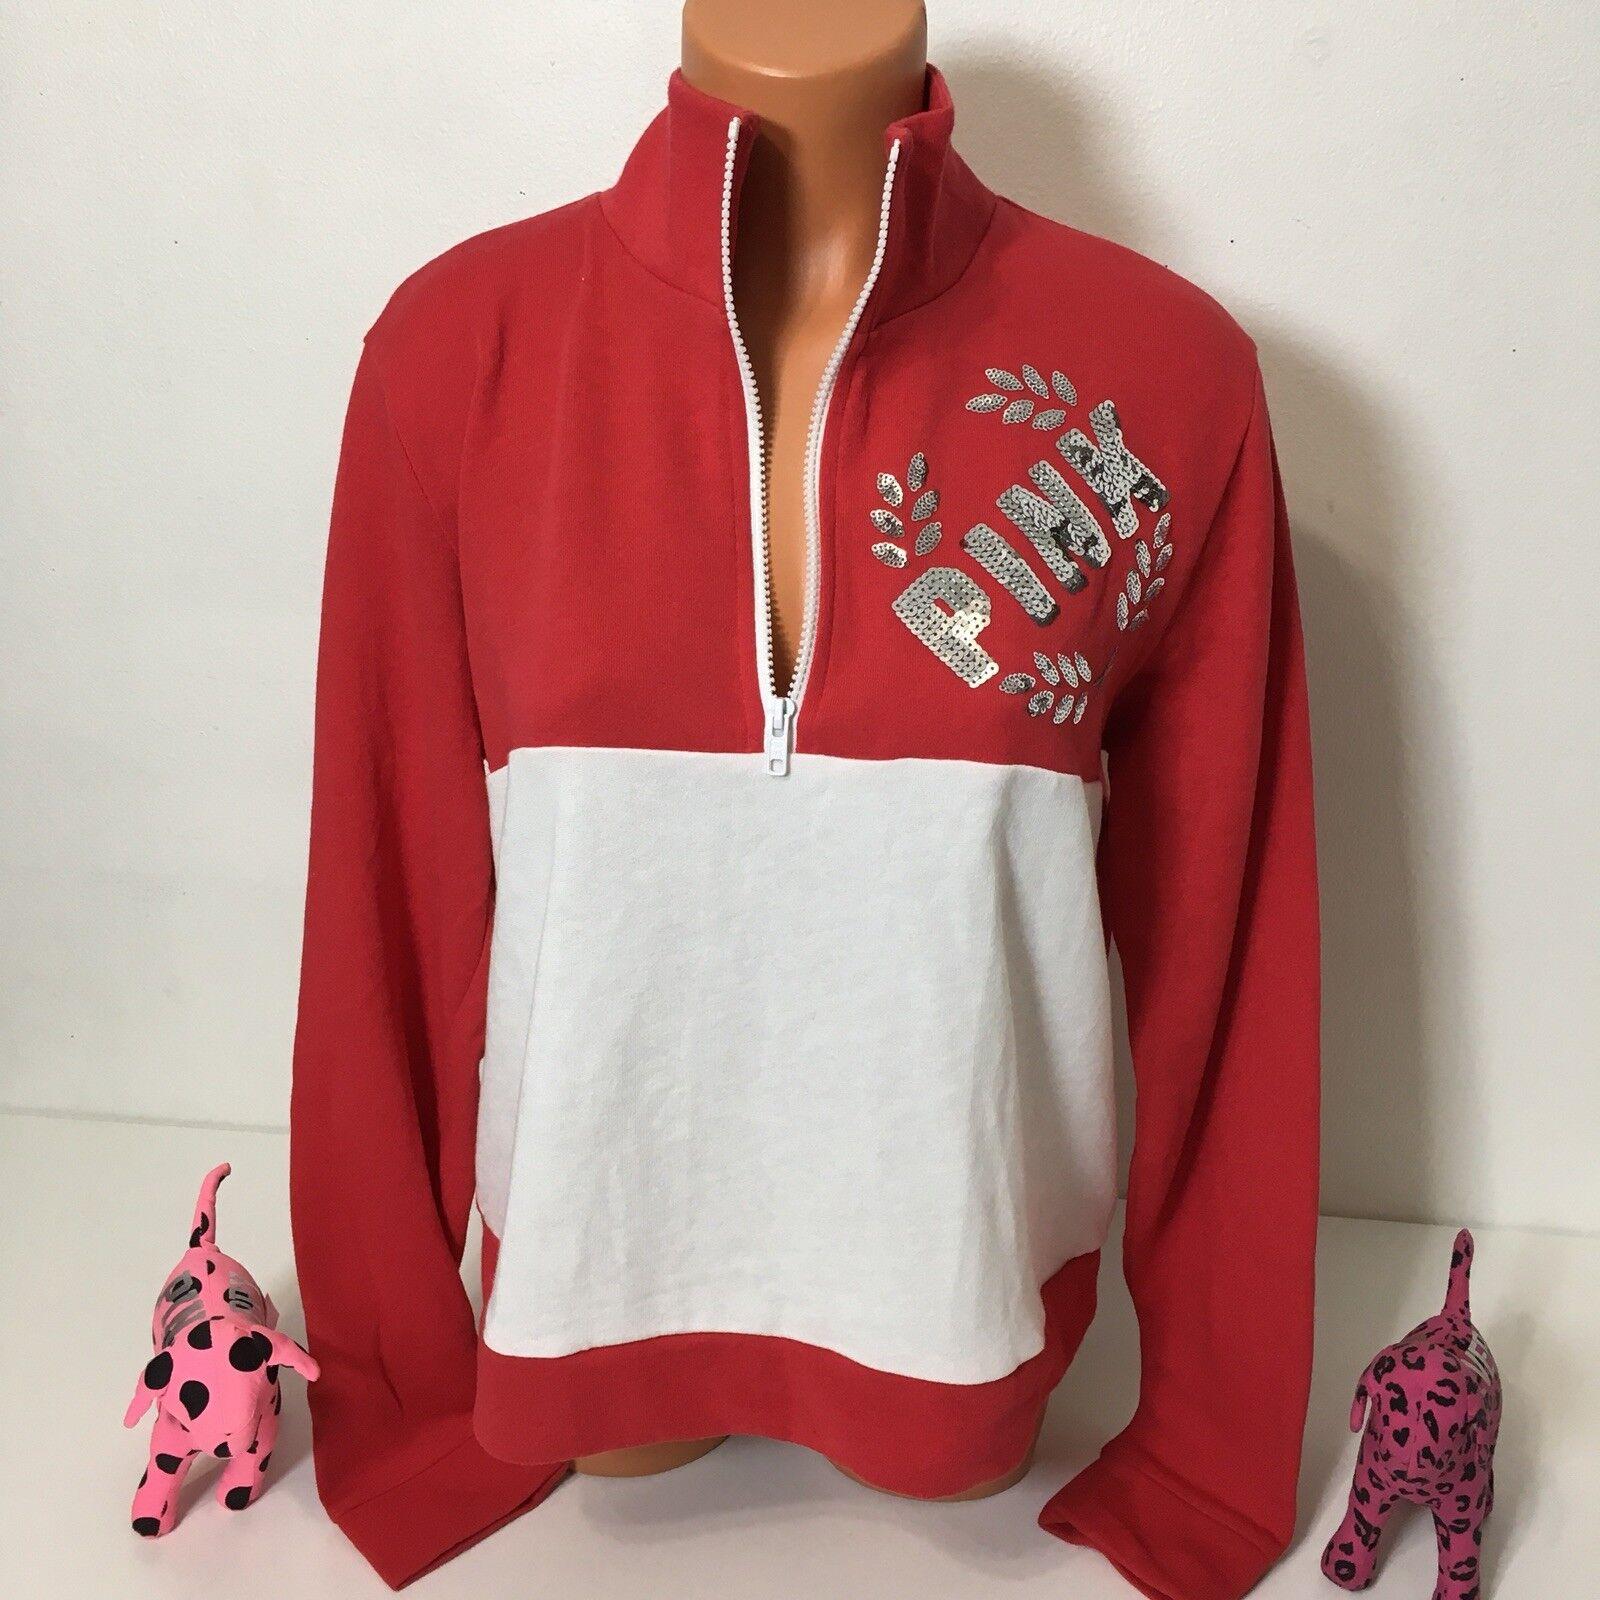 Rosa Victorias Secret Bling Logo Half Zip Sweatshirt Größe M Farbe rot Weiß